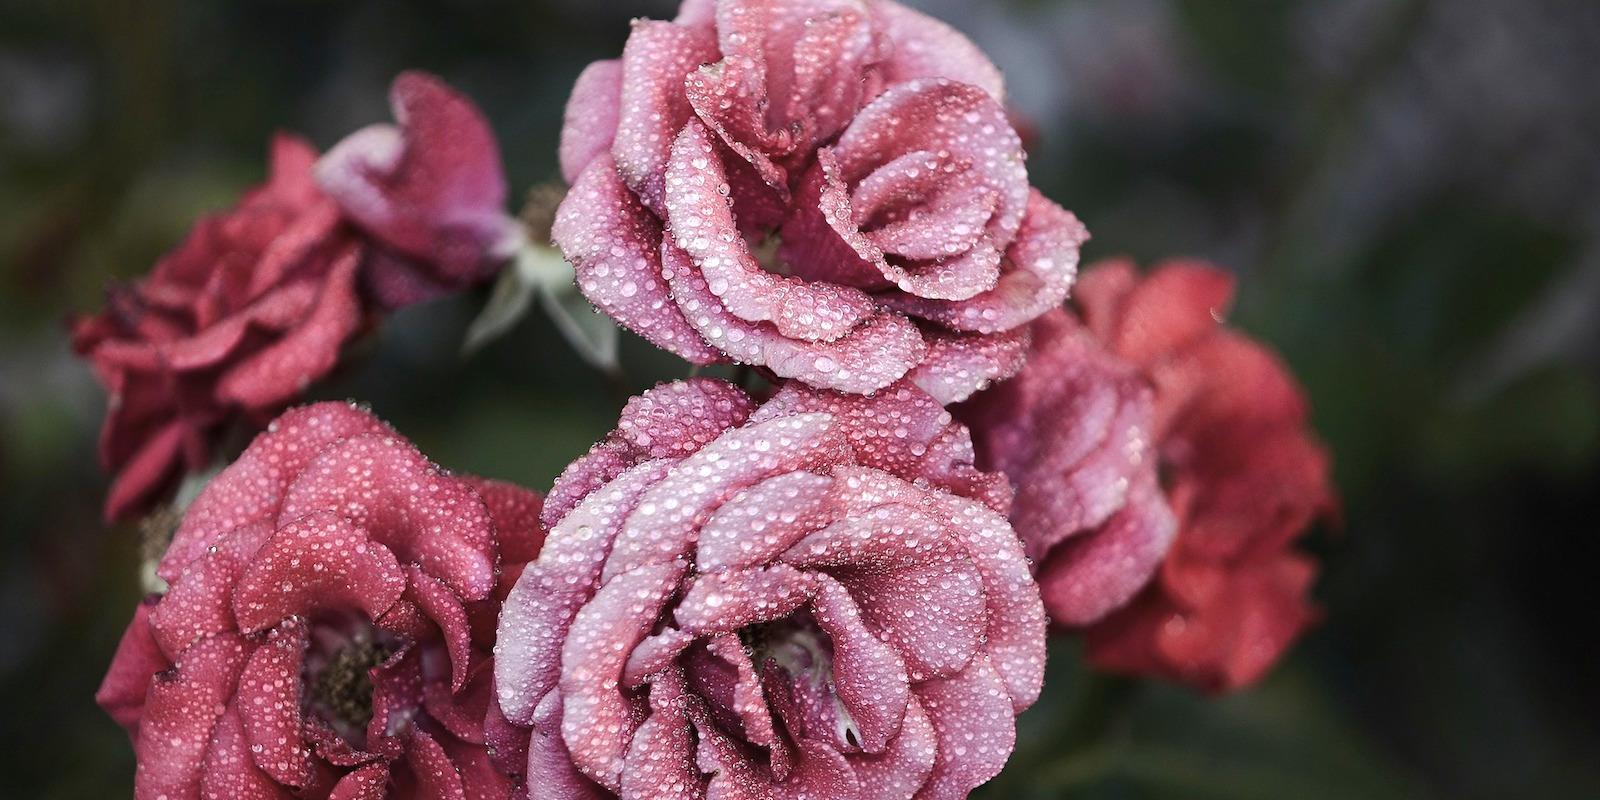 Recenze: Procházka růžovým sadem s Elixírem 5 růží Argandia